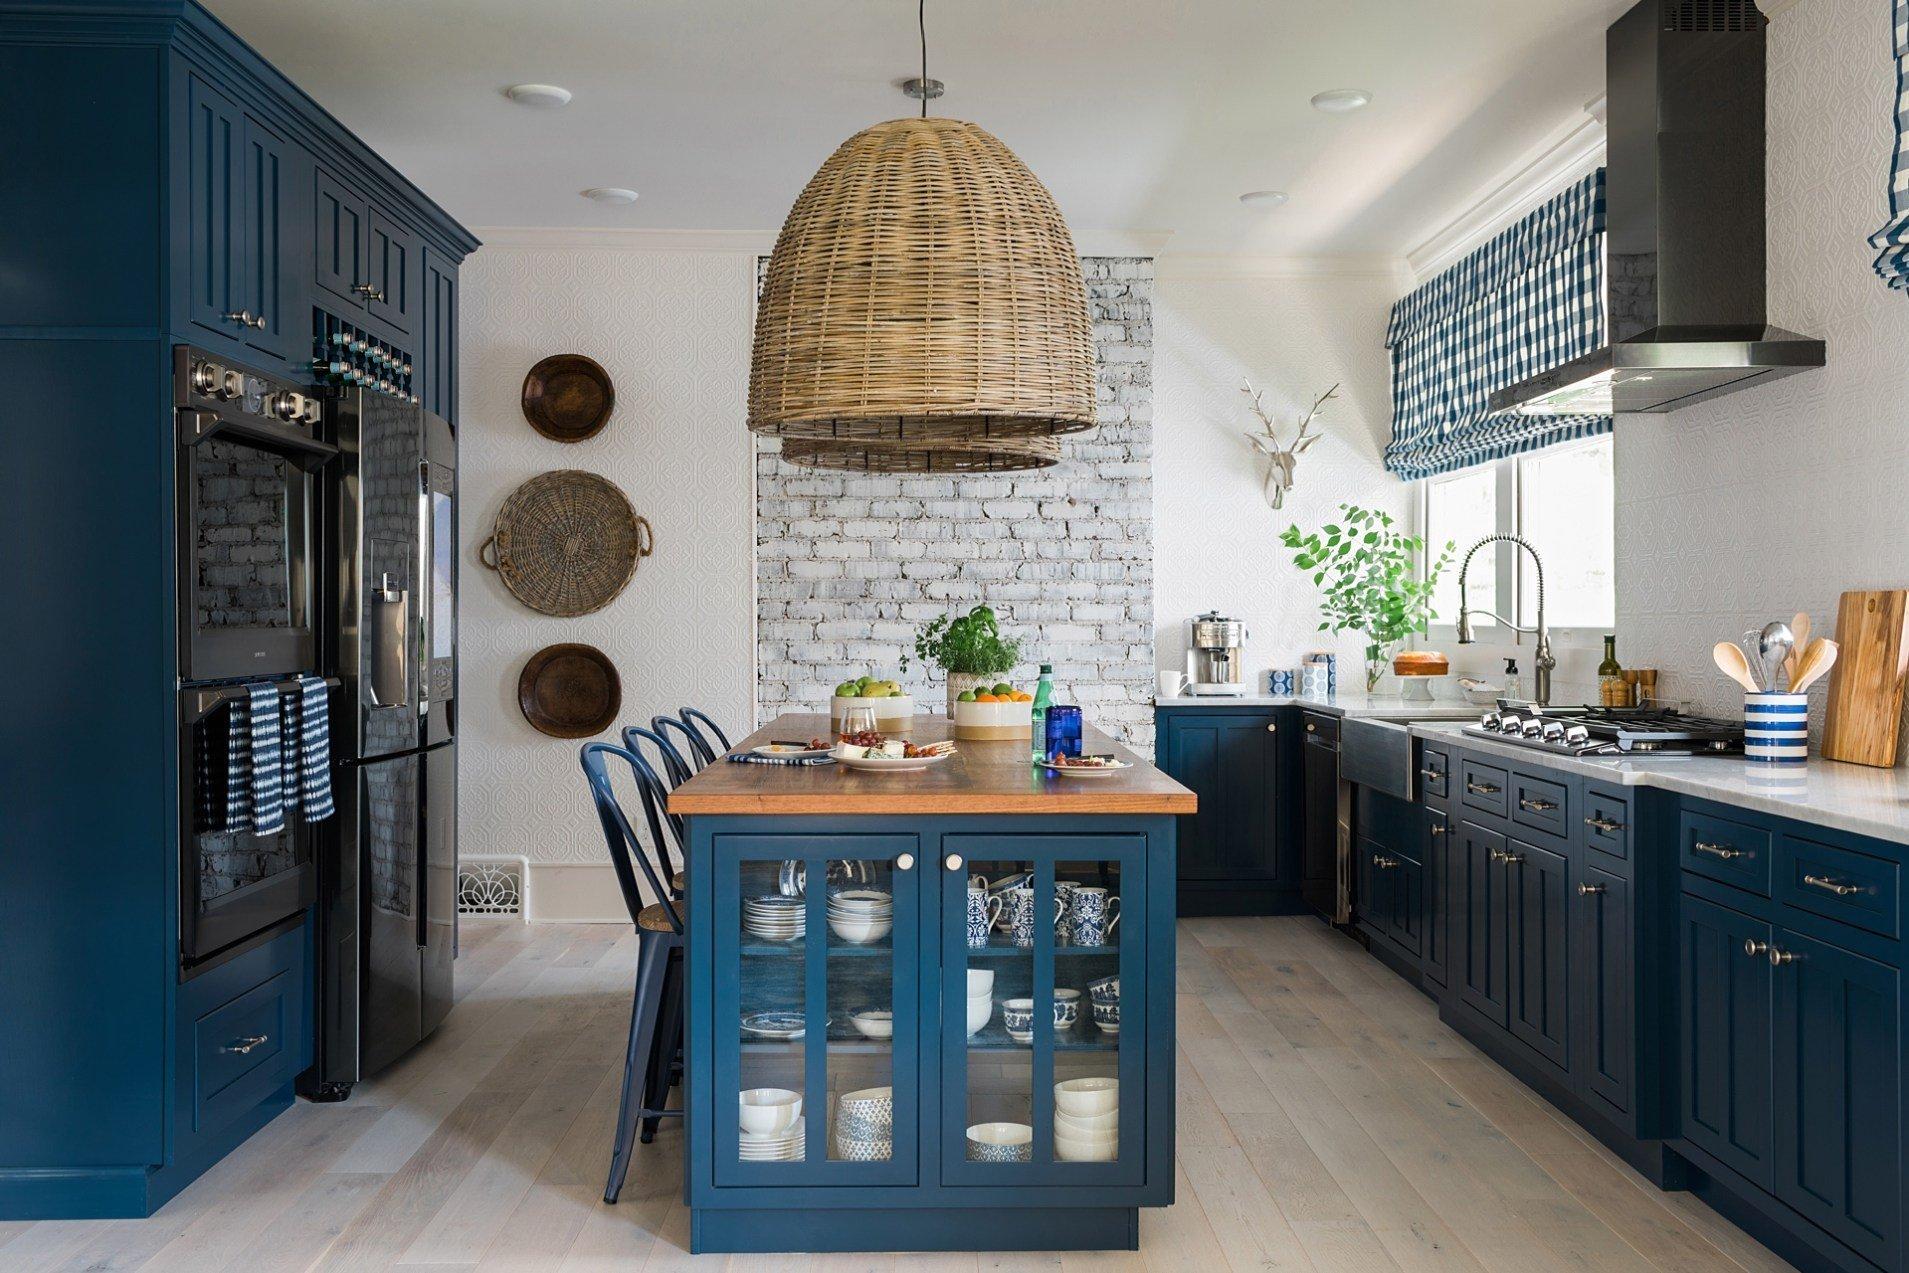 V téhle modré rustikální kuchyni nemá místo nuda ani špatná nálada. Působí vřelým venkovským dojmem, a přesto není vůbec zastaralá. Vařit se tu určitě musí jedna radost!